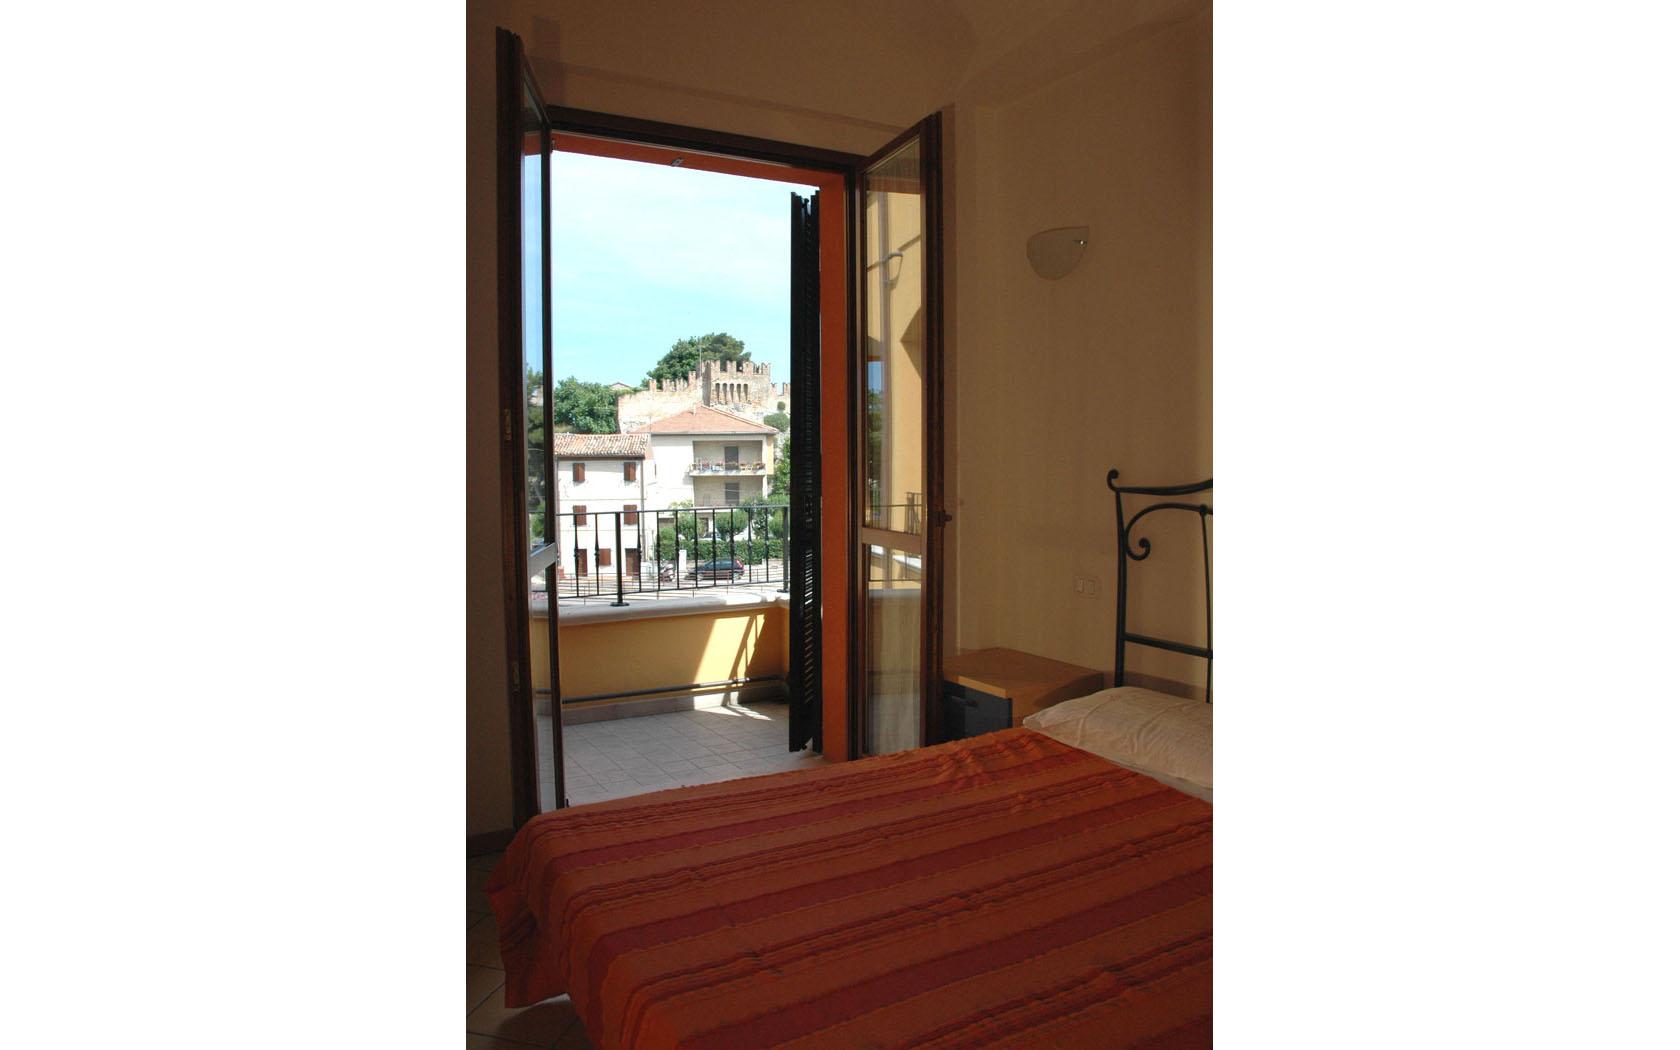 Camera letto 2 fano affitti - Camera letto mare ...